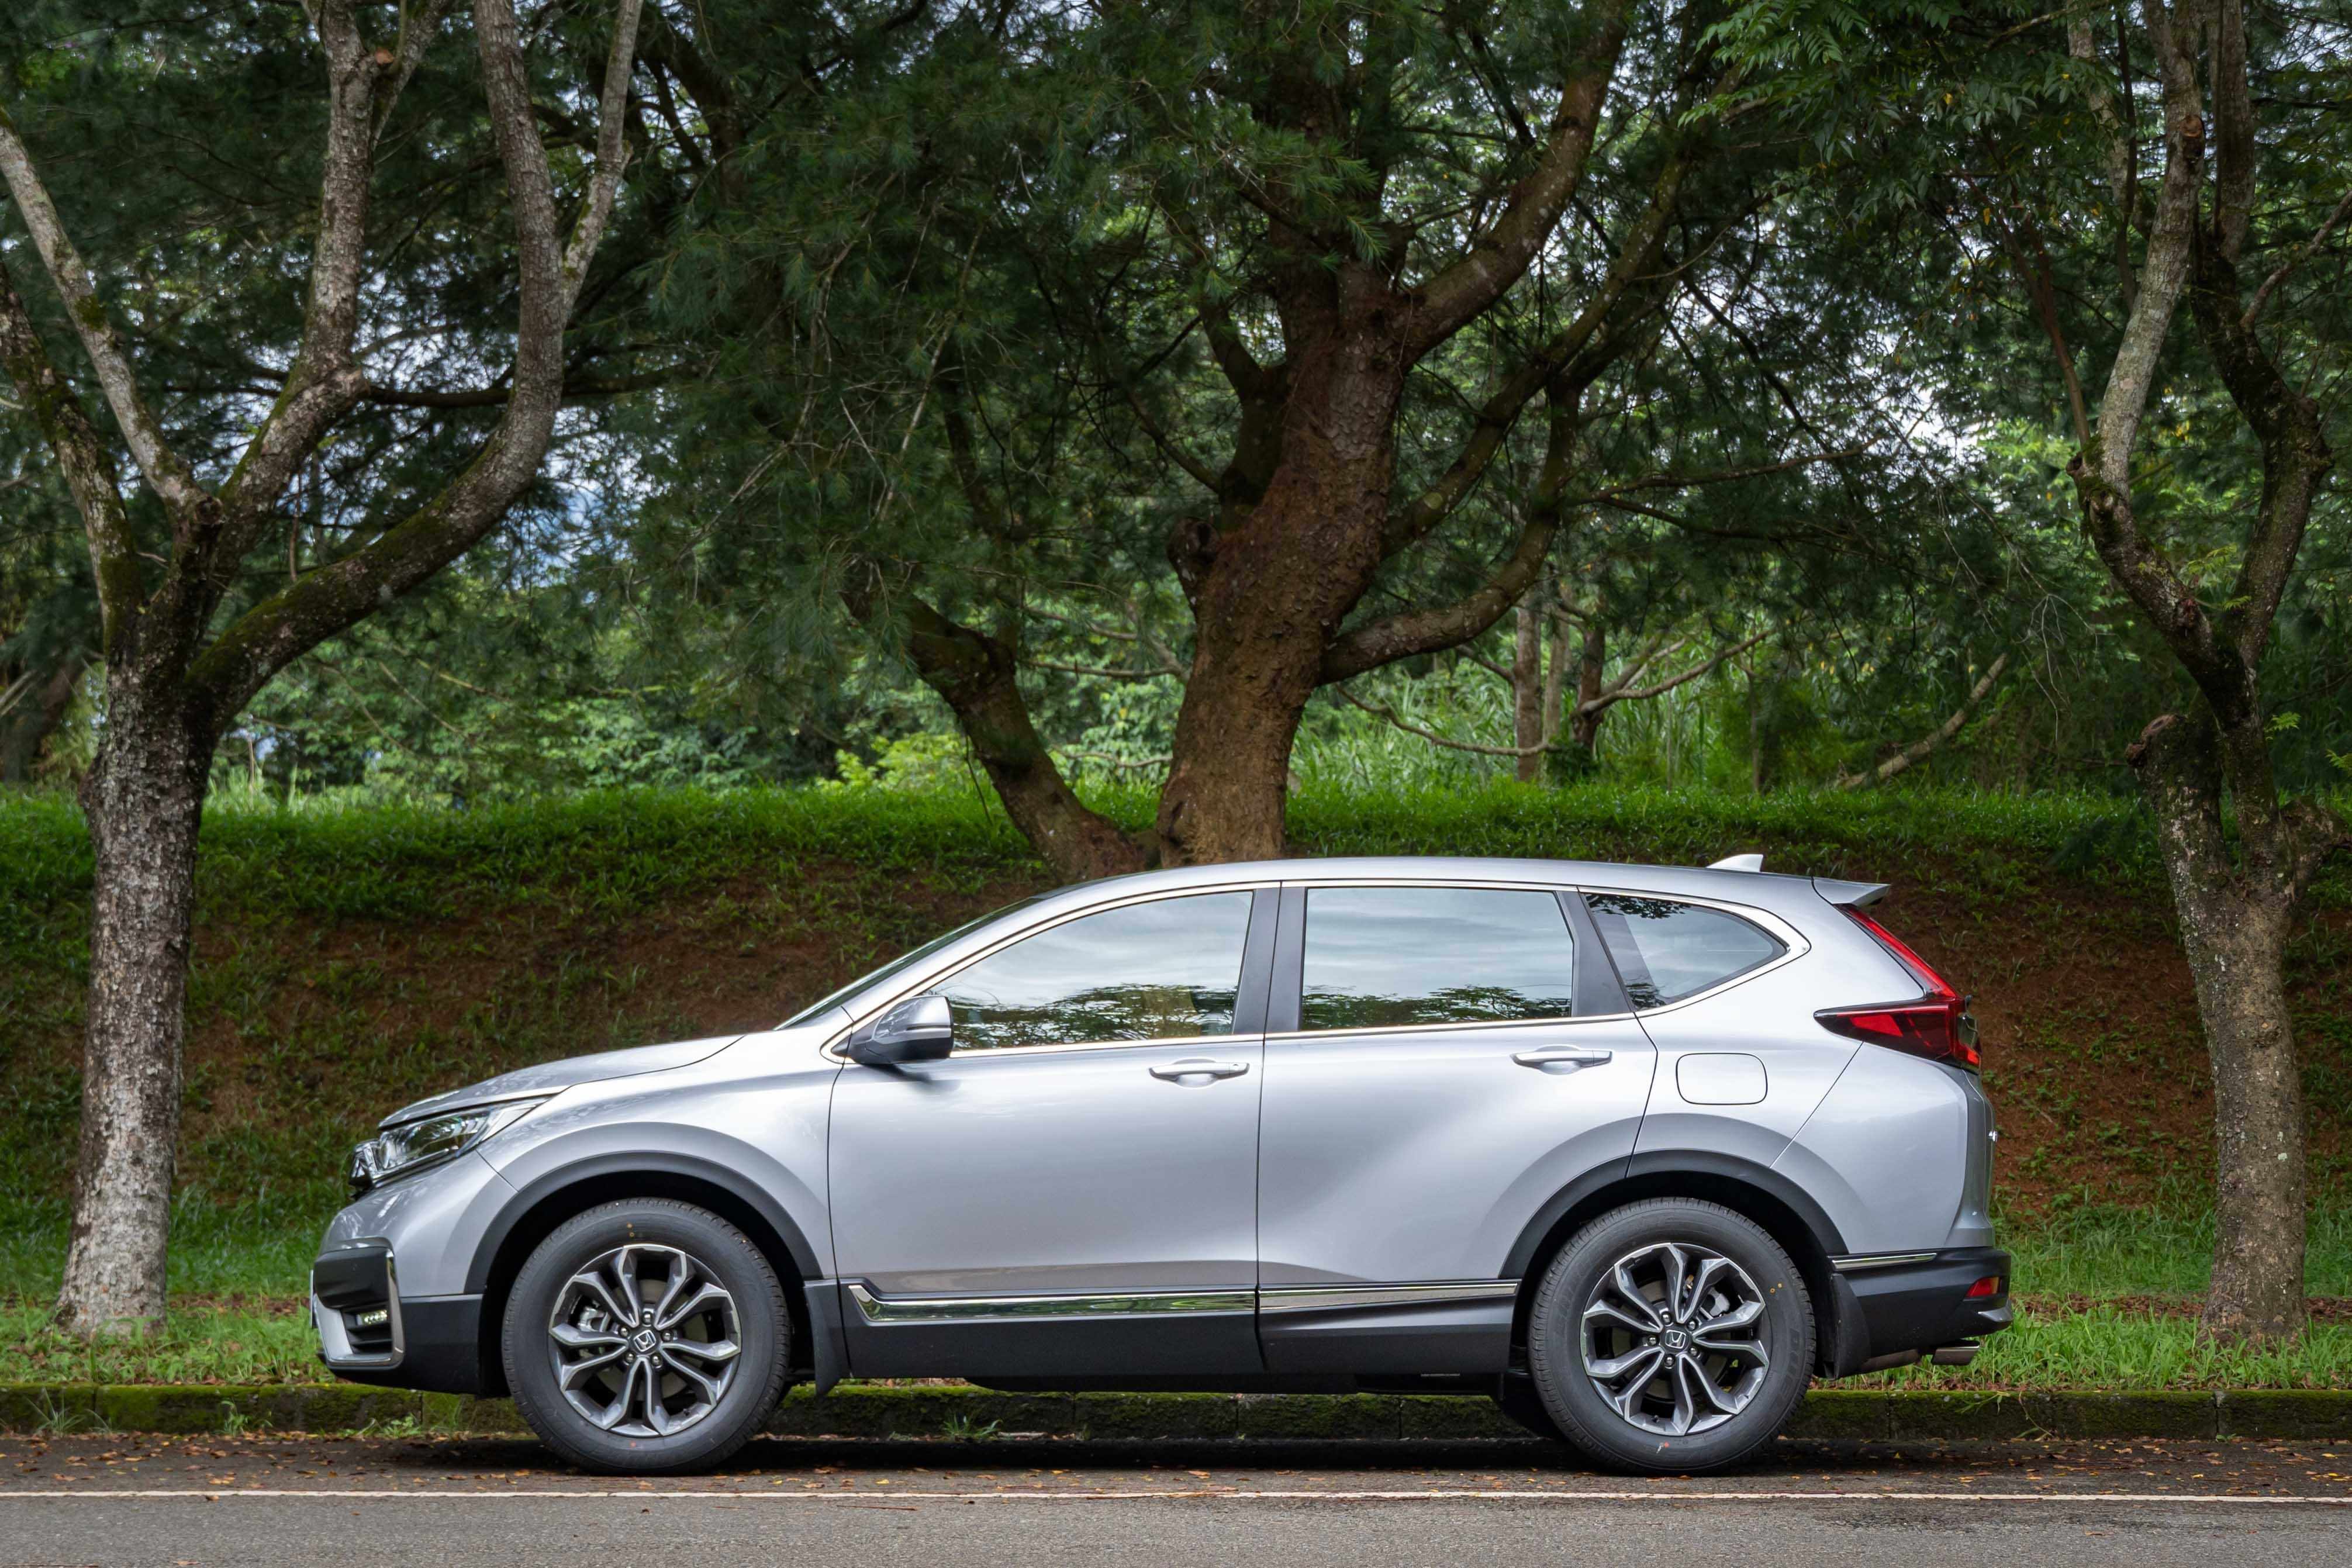 小改款 Honda CR-V 分三車型販售,分別為 94.9 萬的 VTi、103.9 萬的 VTi-S 及 113.9 萬的 S。